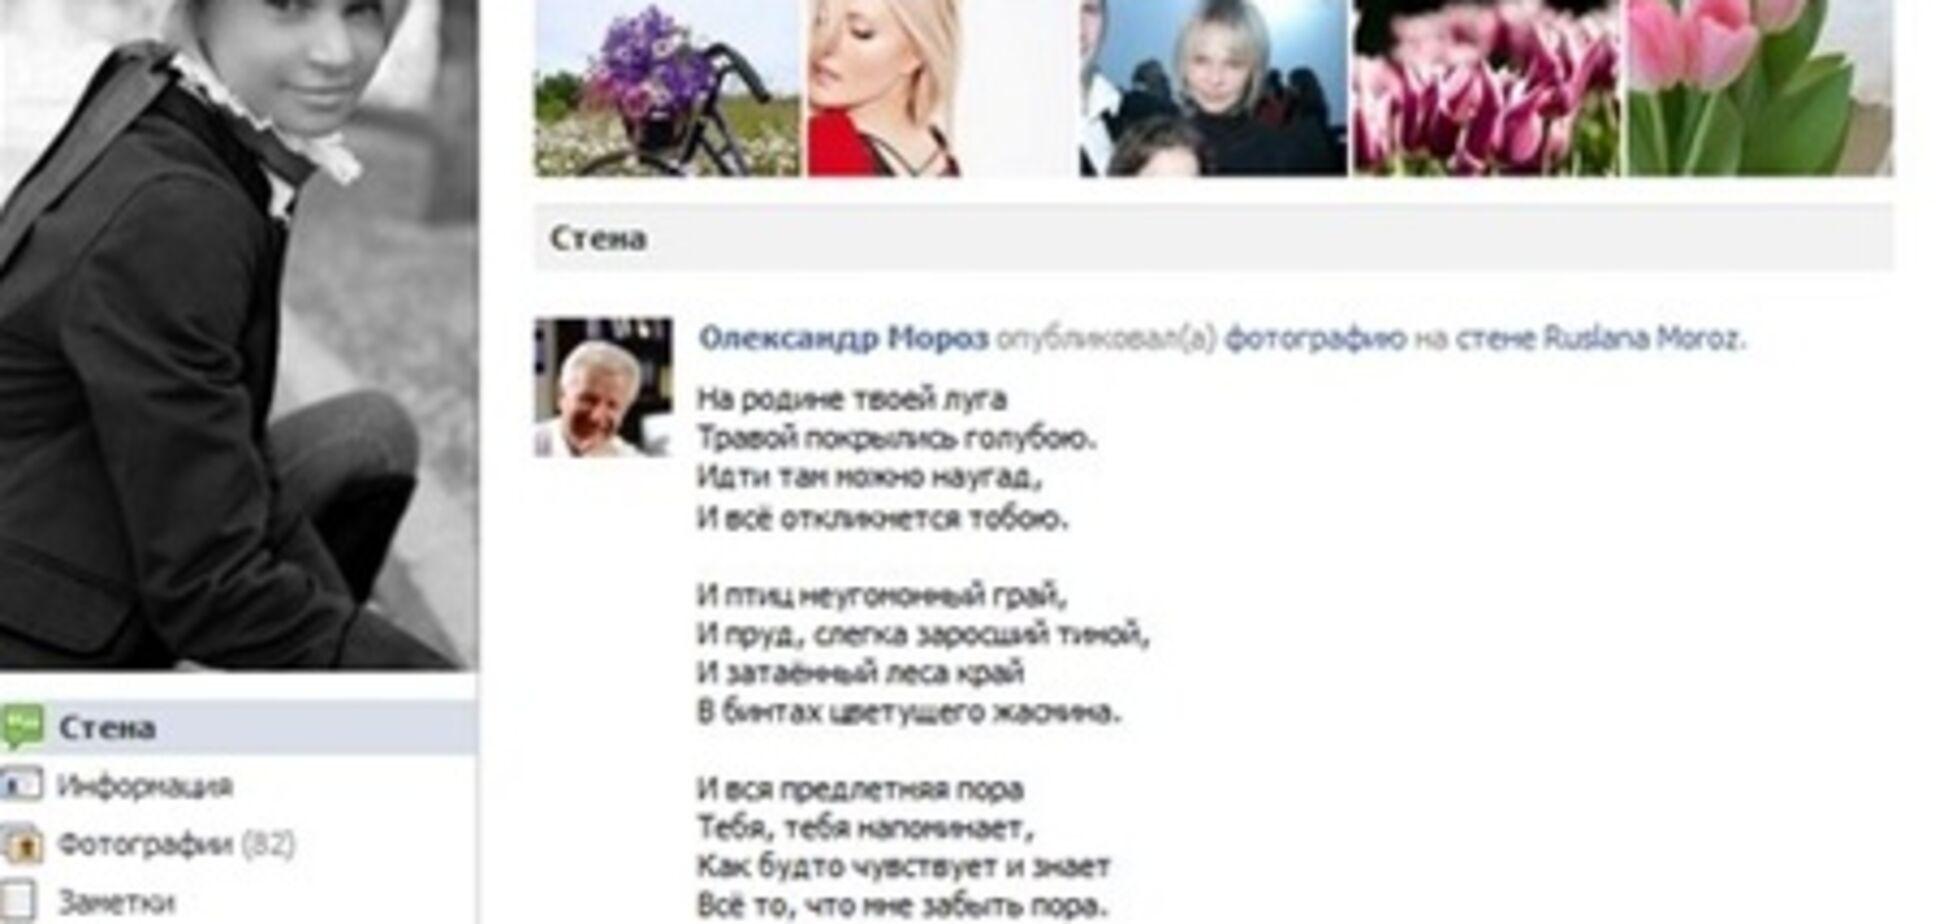 Олександр Мороз пише дочки вірші